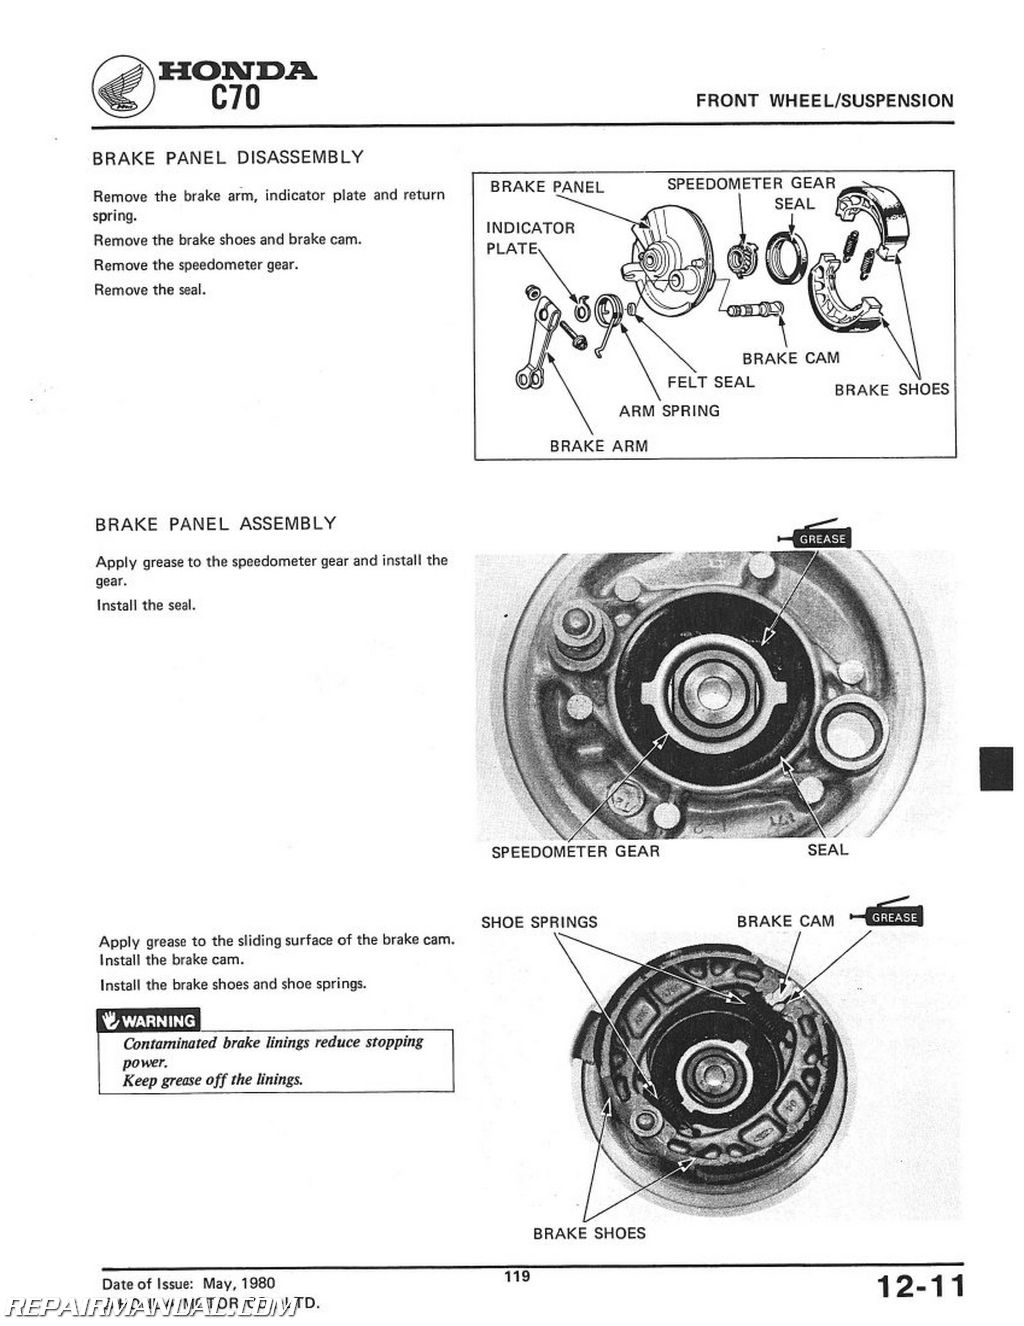 1980 1982 honda c70 scooter workshop service repair manual rh repairmanual com honda c70 service manual honda ct70 repair manual free